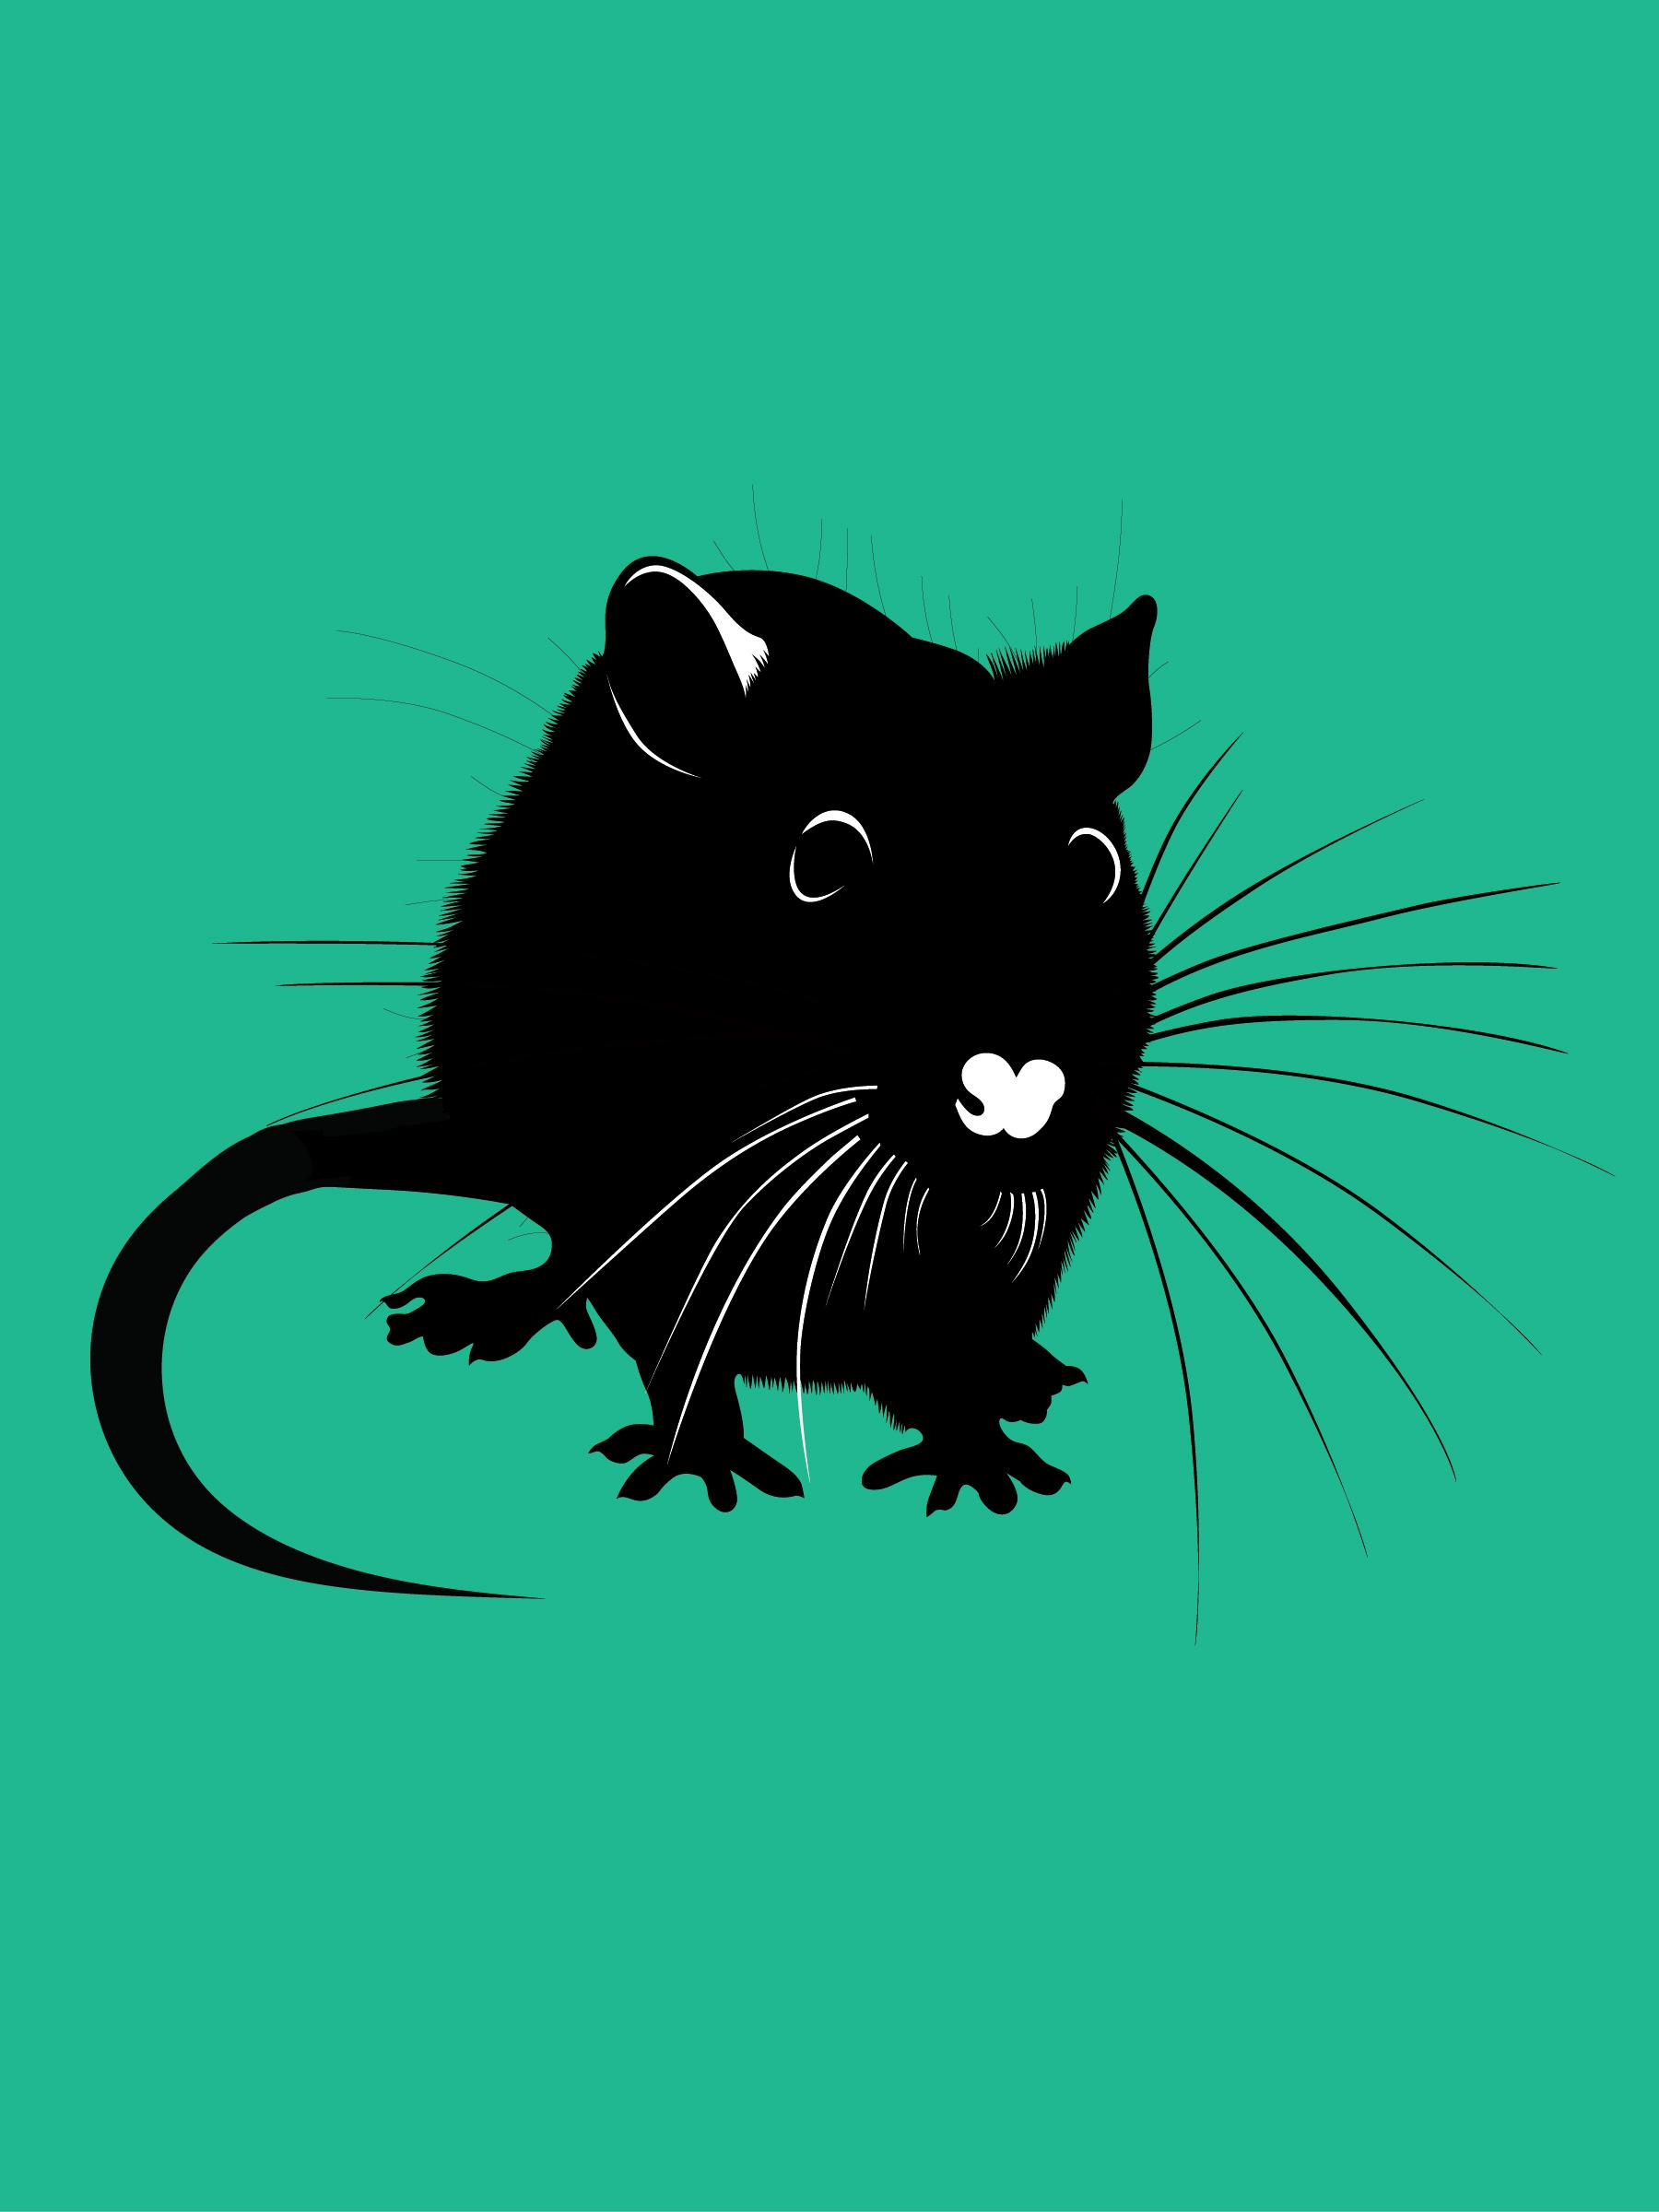 Rats-01.jpg